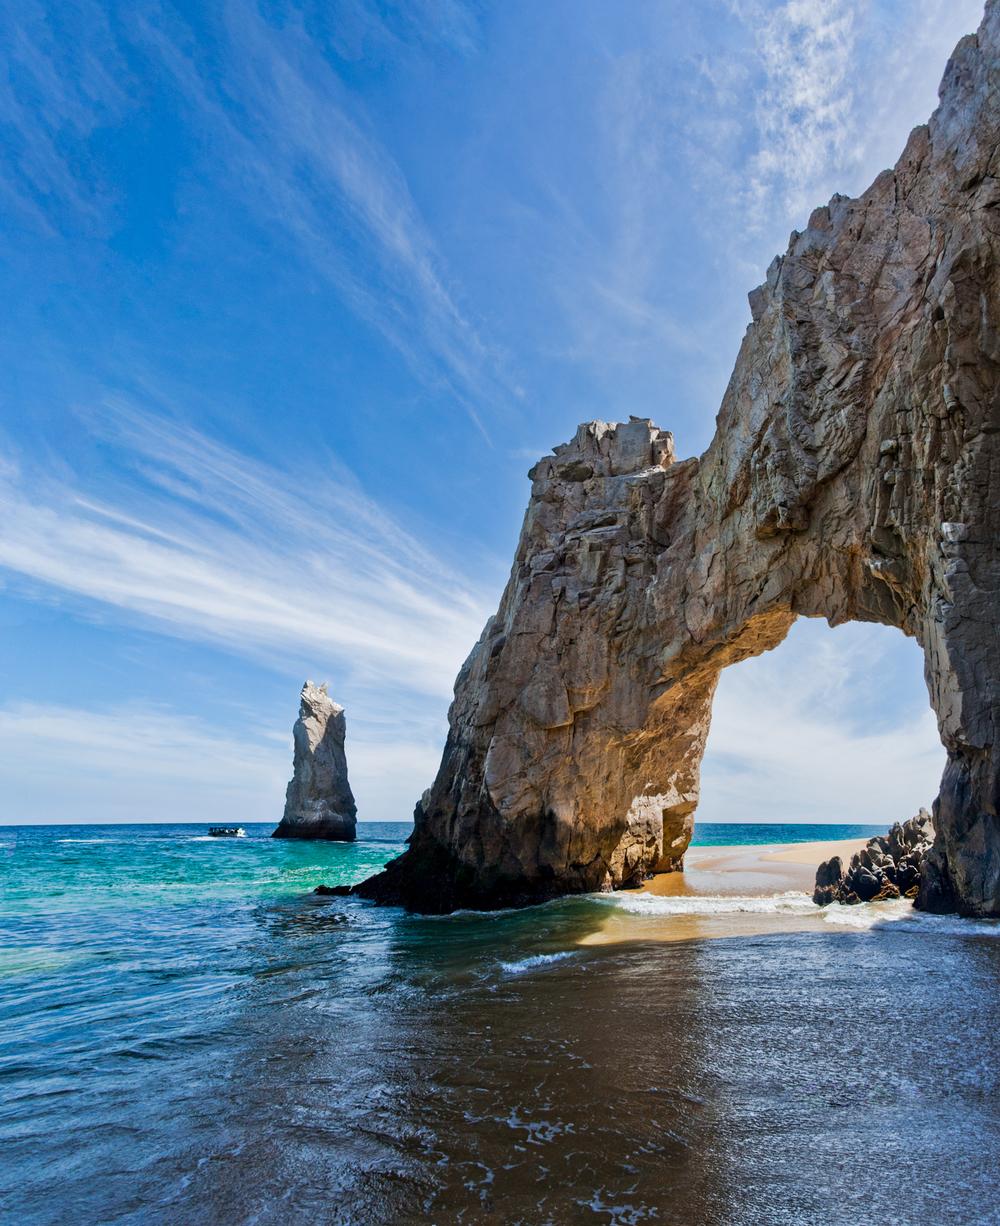 The_Arch_CaboSanLucas_Mexico02.jpg